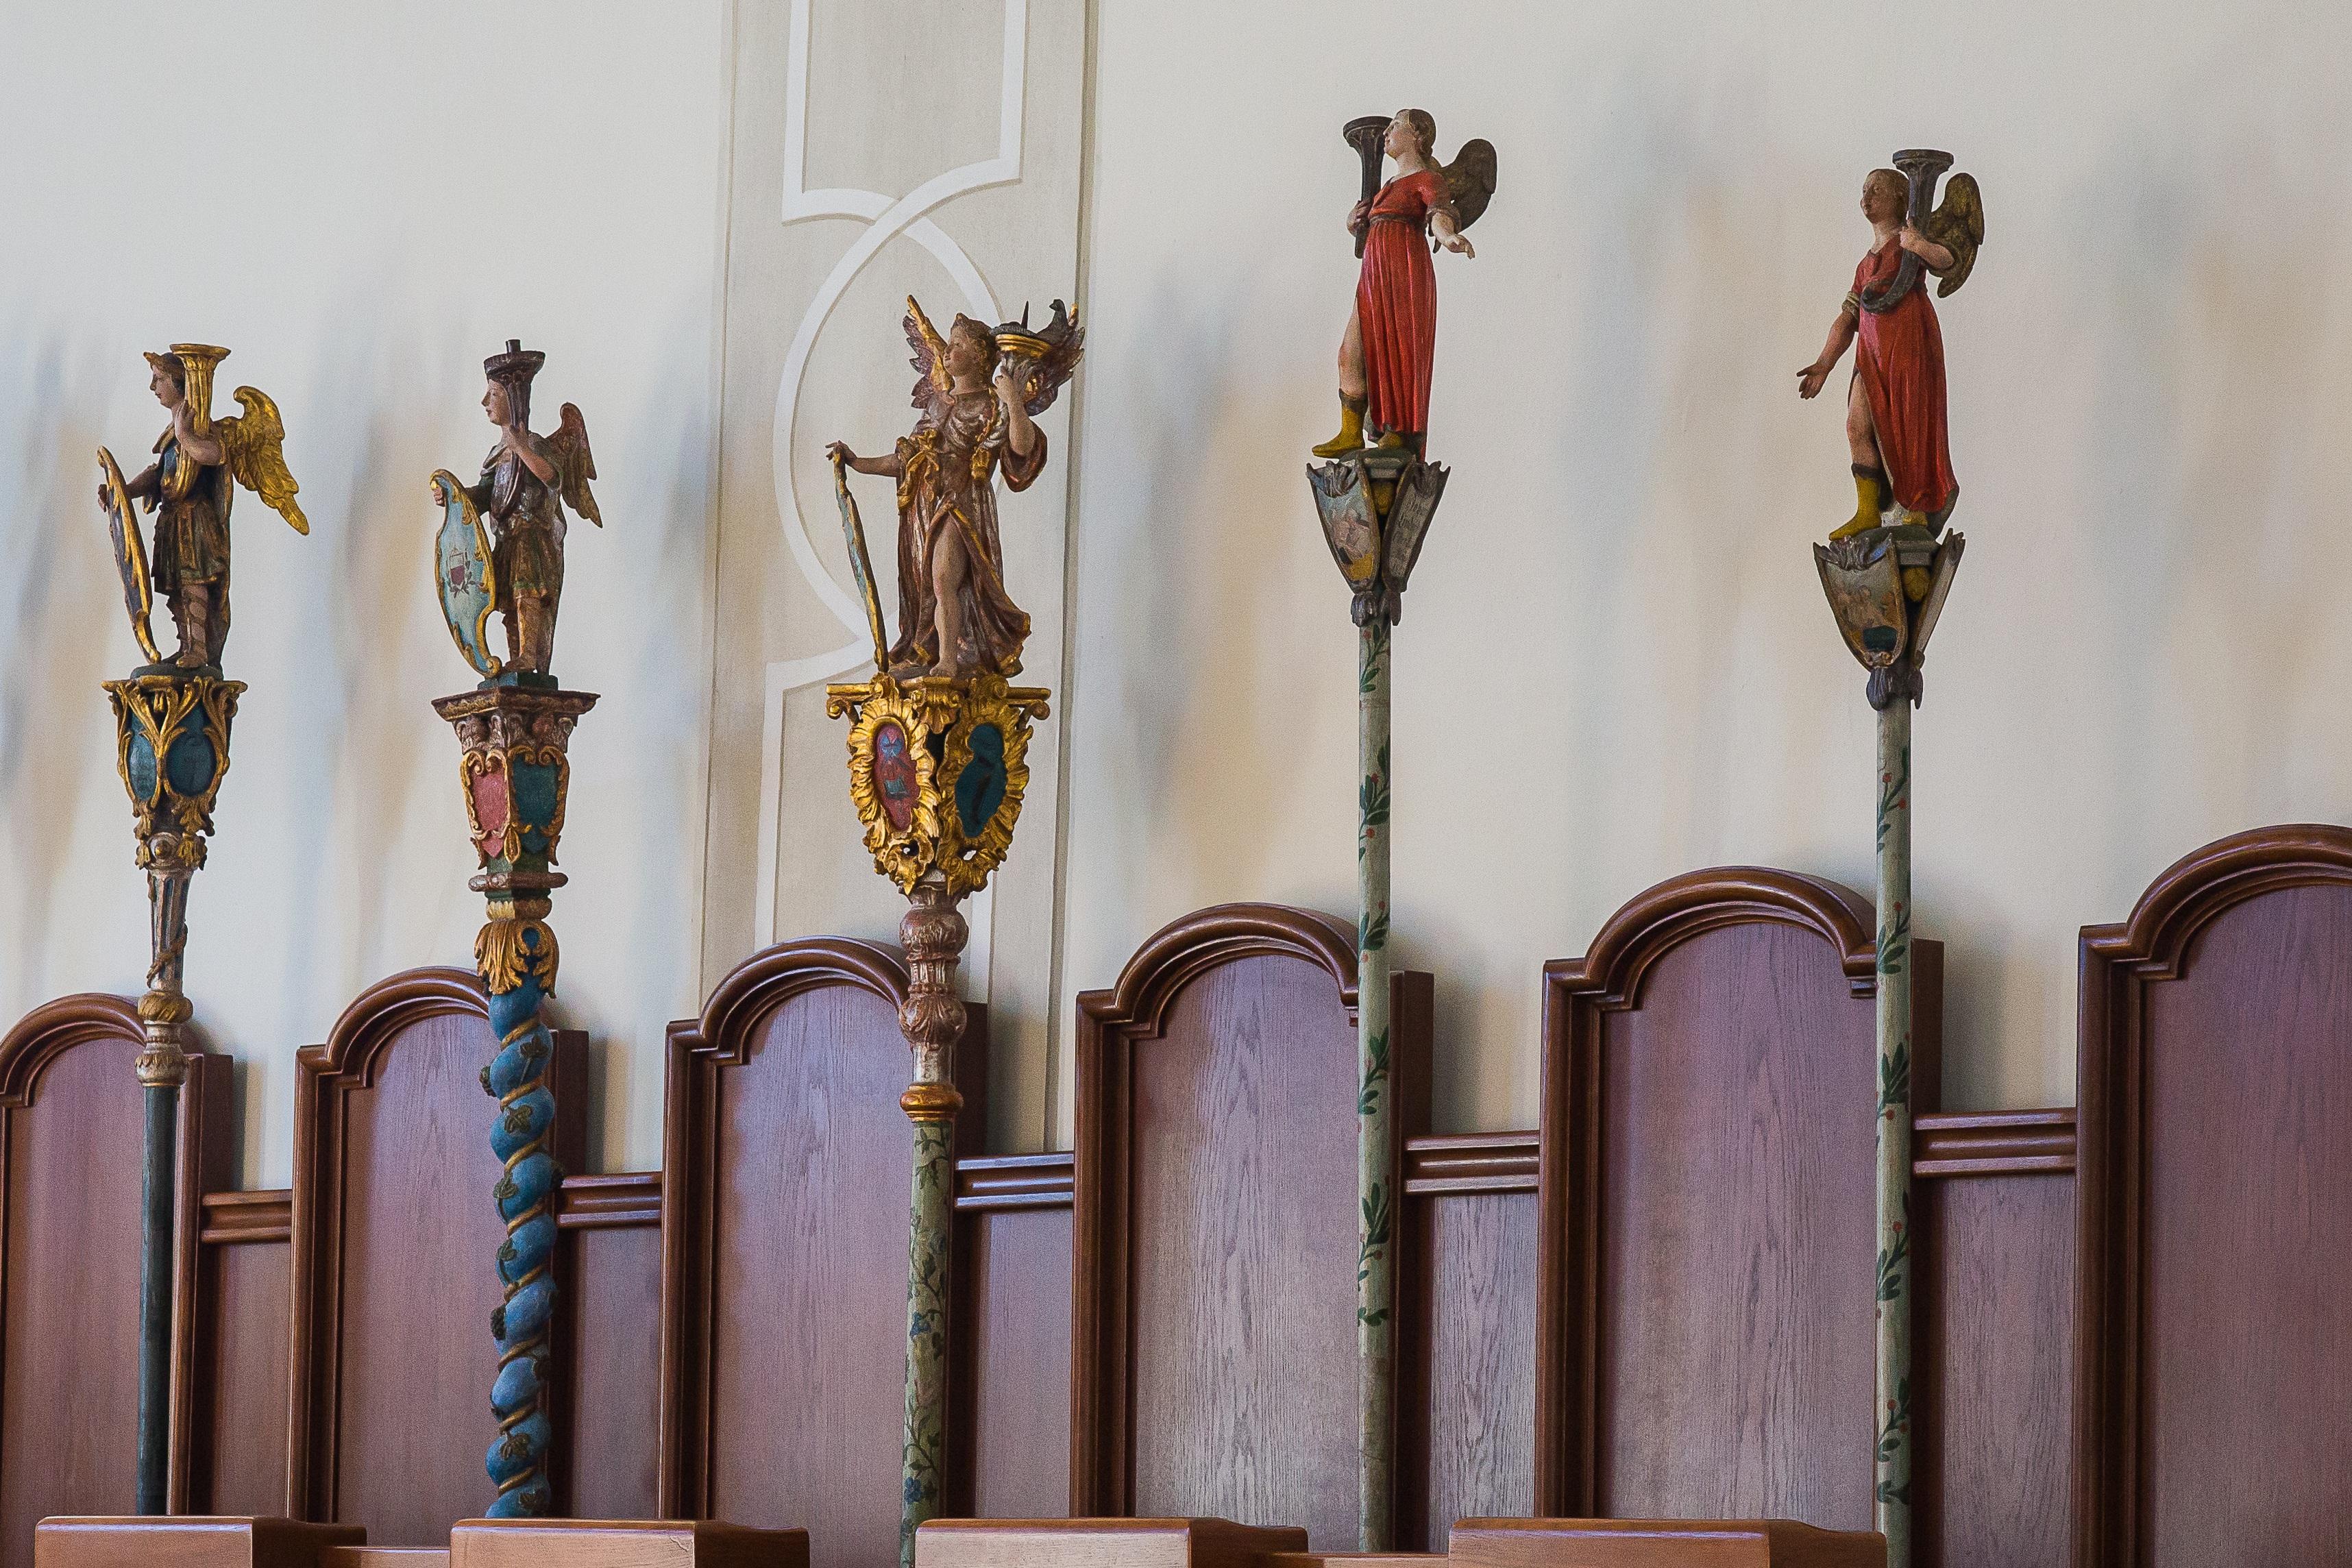 Innenarchitektur Geschichte kostenlose foto struktur holz statue säule innenarchitektur